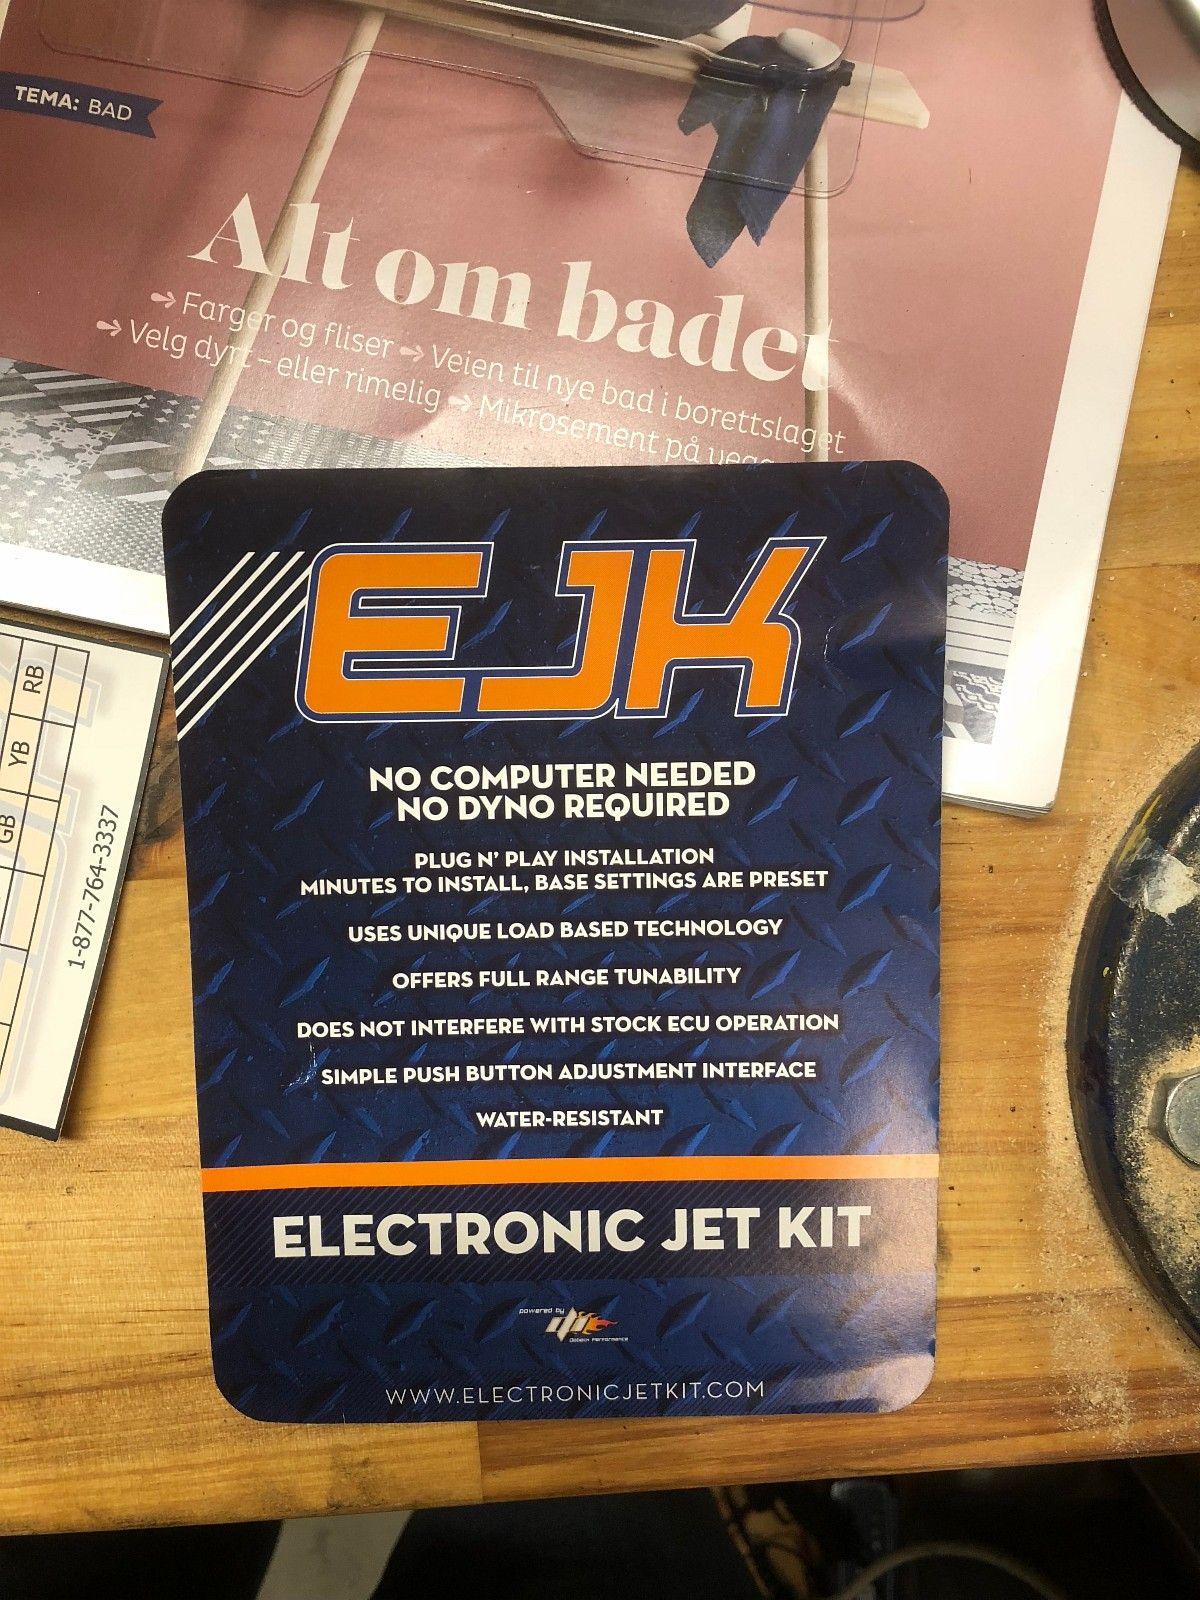 Electronic Jet Kit - Gen 3.5 til Harley Davidson - Oslo  - Ubrukt elektronisk jet kit for deg som ønsker mer kraft i sykkelen.   Skulle gjerne montert denne på min egen sykkel, men har dessverre ikke innsprøytningsmotor. Fikk den som en delbetaling ved en tidligere handel.   - Oslo